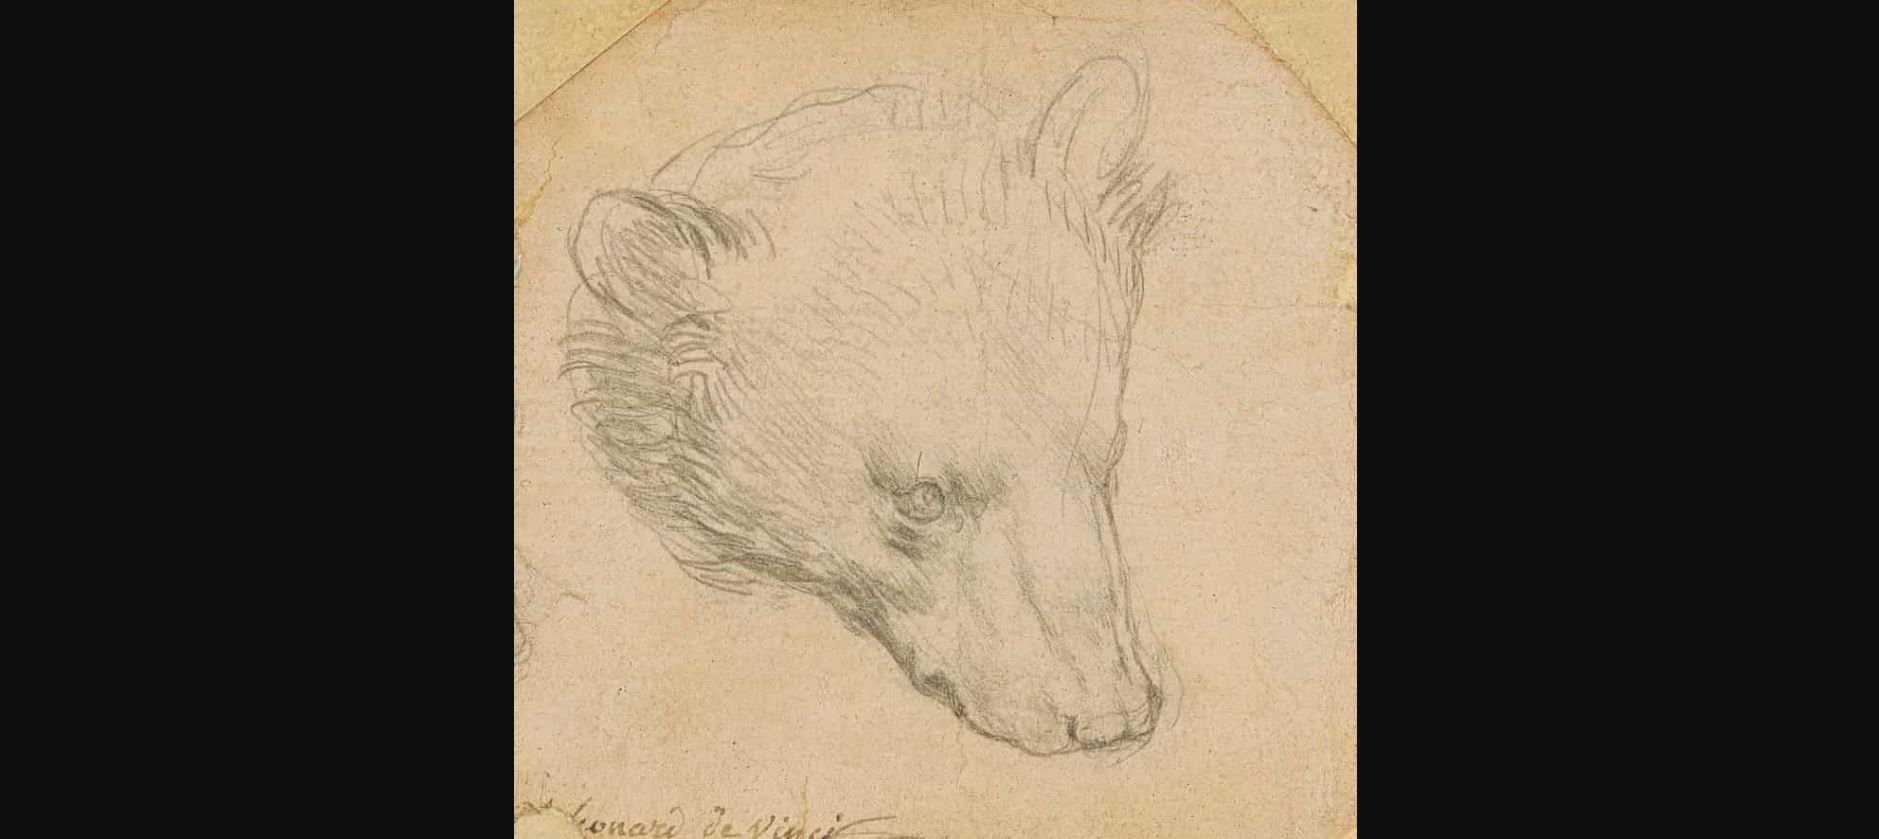 Cette tête d'ours a été dessinée par Léonard de Vinci.